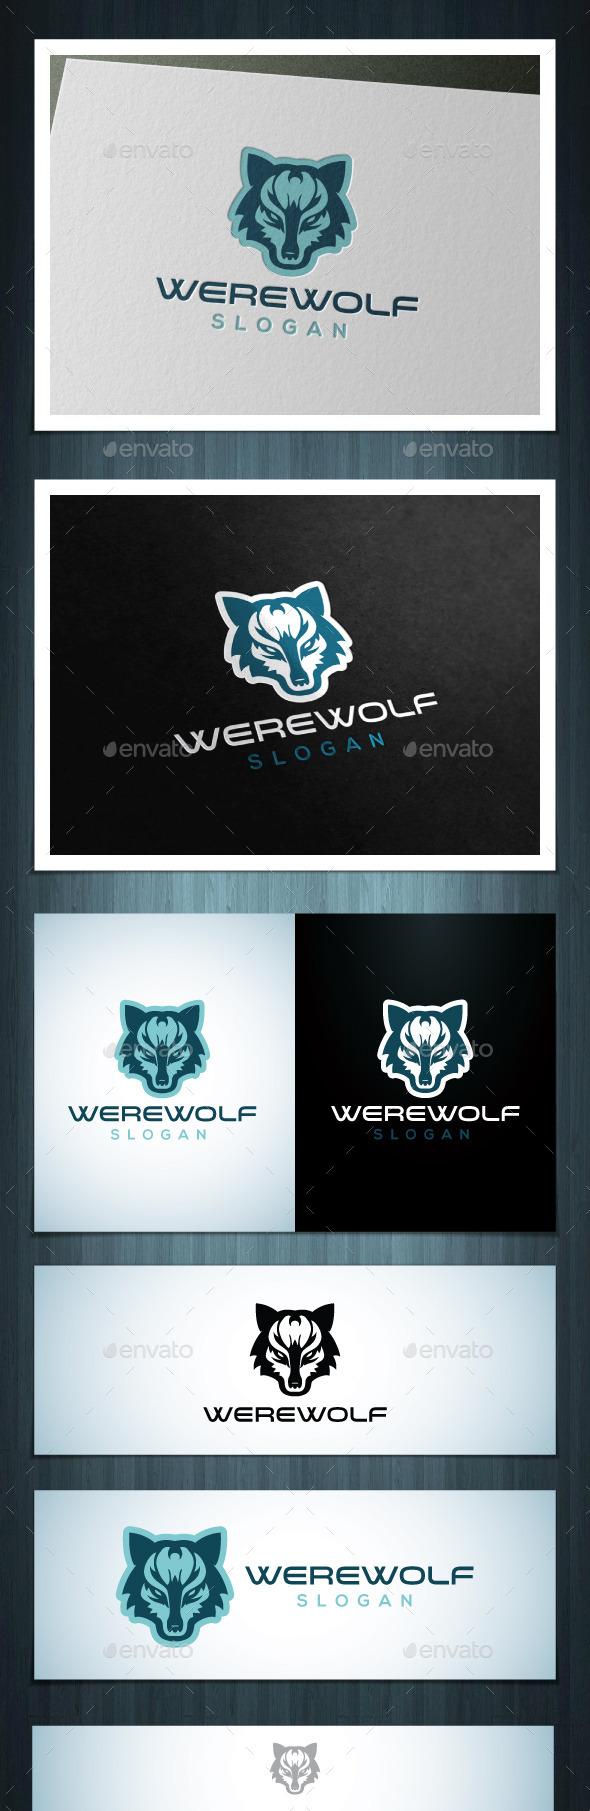 GraphicRiver Werewolf 8597284